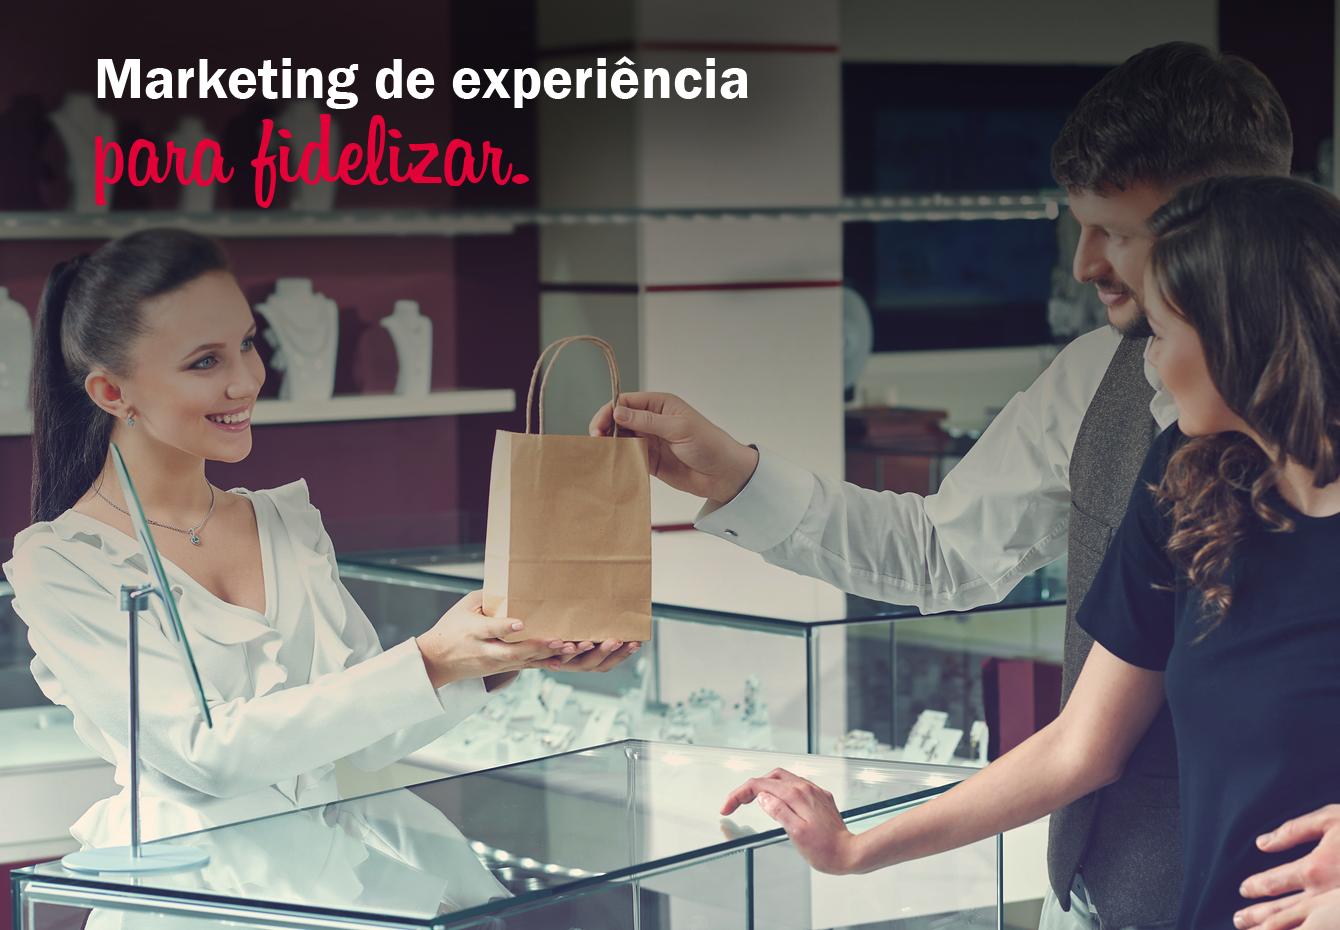 Marketing de experiência: estimula o consumidor e conecta com a marca. BG Comunicação e Marketing